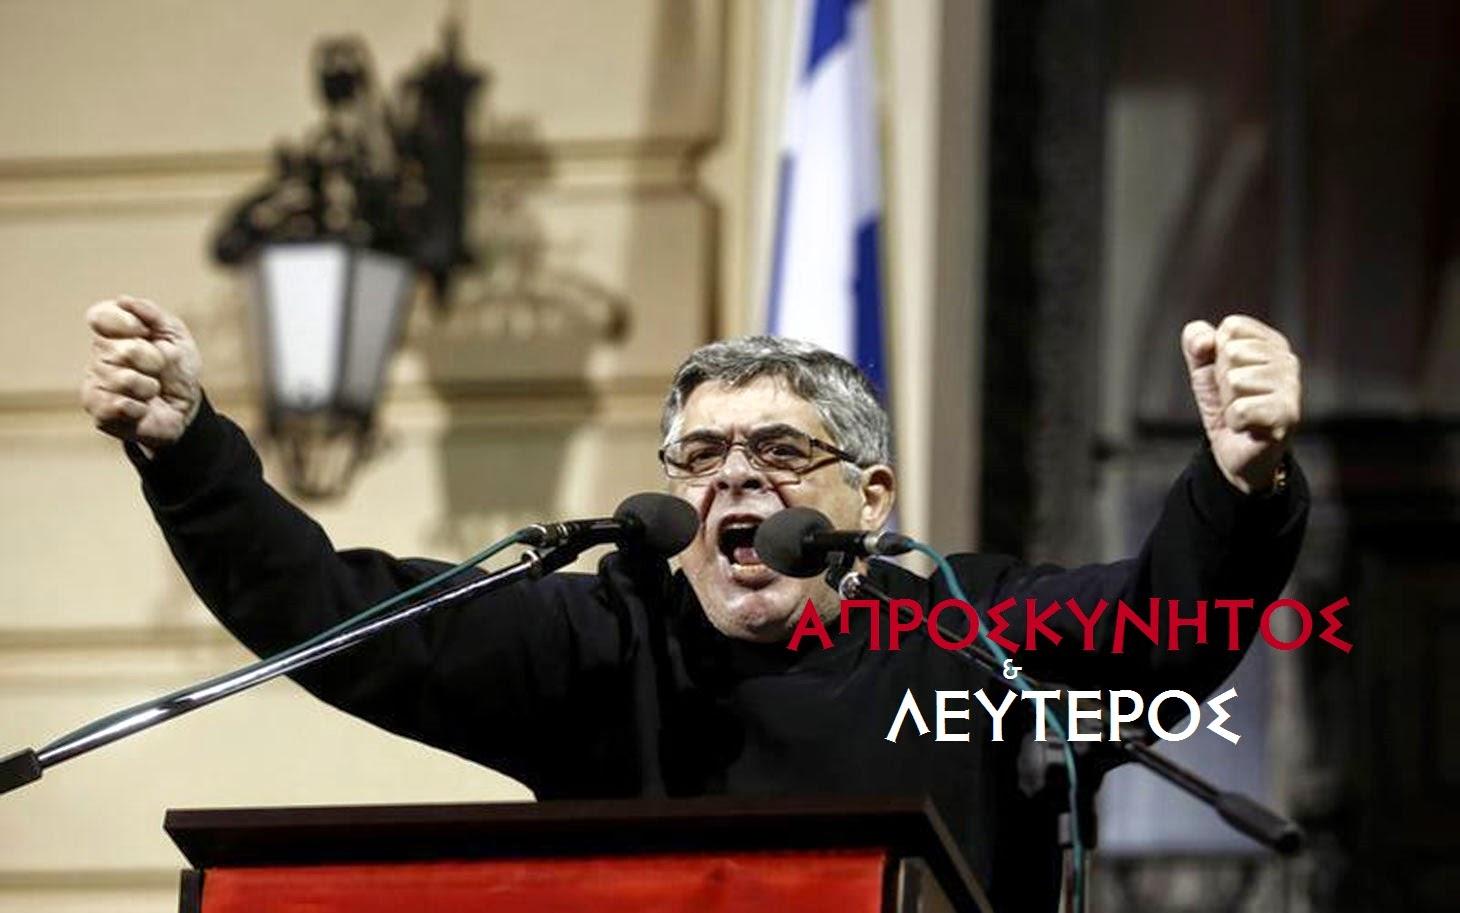 """""""Έλληνες καλή Ανάσταση στην δοκιμαζόμενη Πατρίδα μας! Είμαστε Έλληνες και θα πεθάνουμε Έλληνες"""". Το Αναστάσιμο μήνυμα του Γενικού Γραμματέα Ν.Γ. Μιχαλολιάκου ο οποίος εξακολουθεί να διώκεται παράνομα και αντισυνταγματικά"""